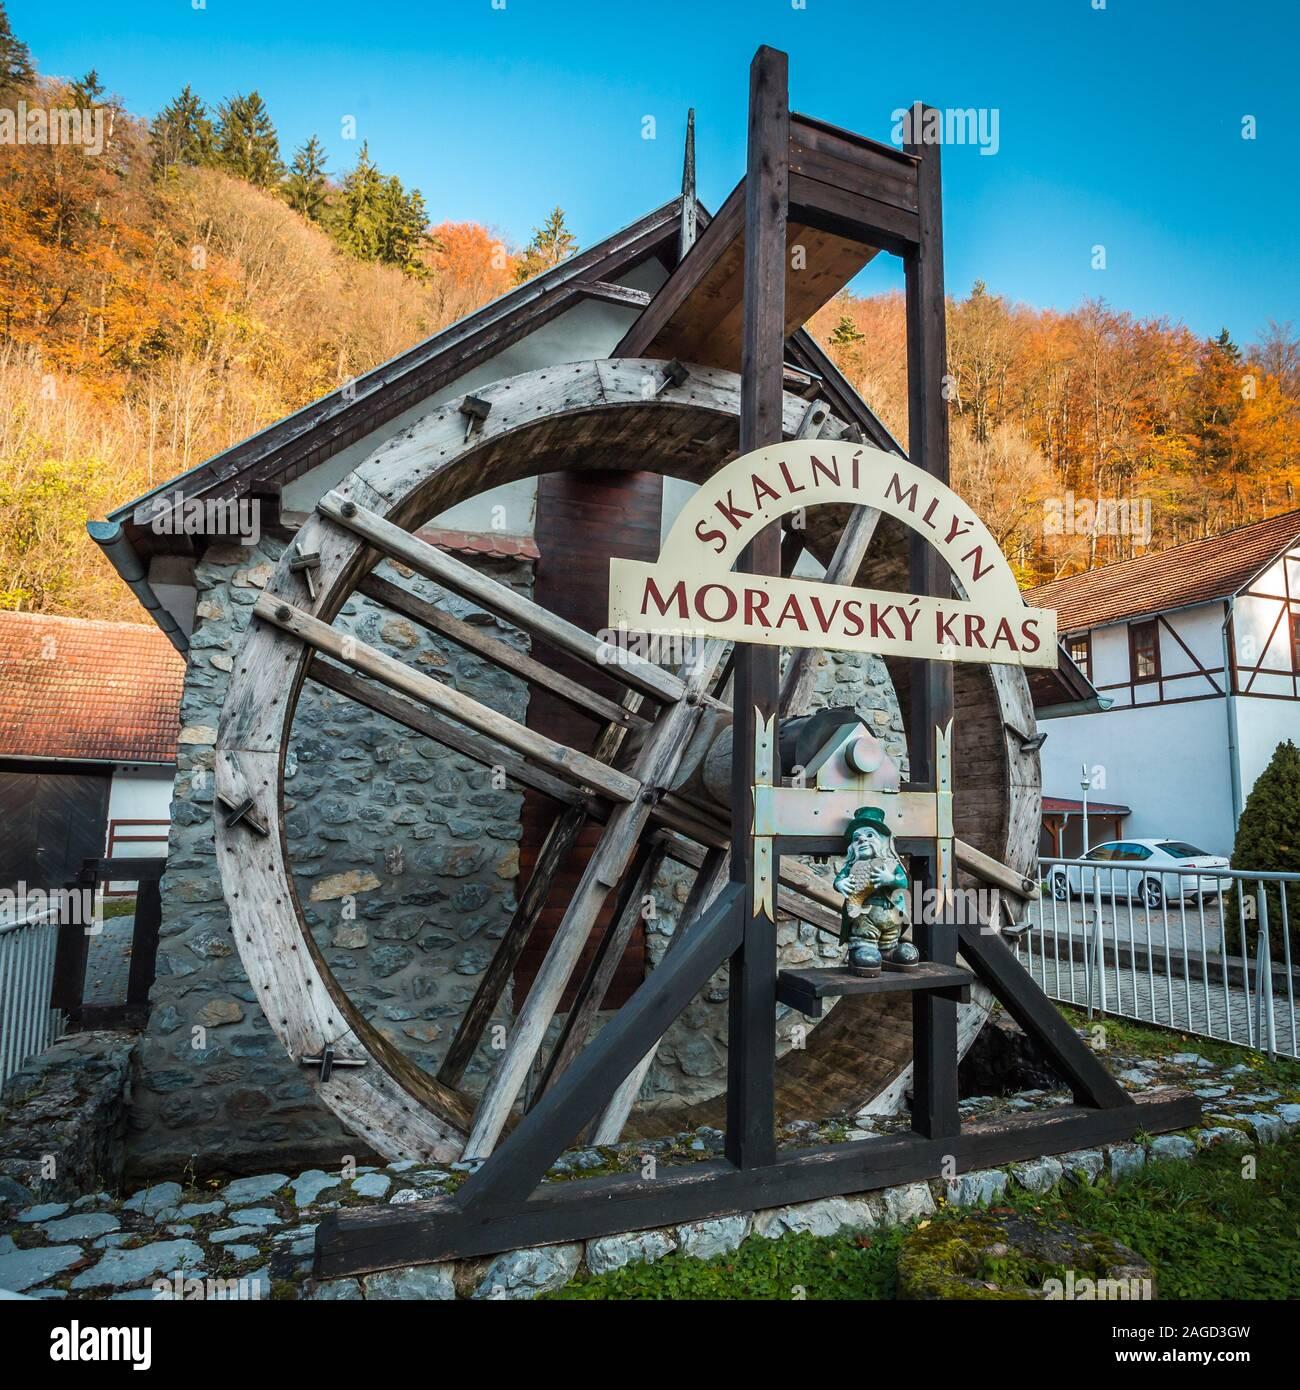 Le Karst morave, RÉPUBLIQUE TCHÈQUE - 29 octobre 2019 - Moulin à eau Skalni Mlyn dans le Karst Morave ou en tchèque Moravsky Kras. Porte de belles grottes et Banque D'Images